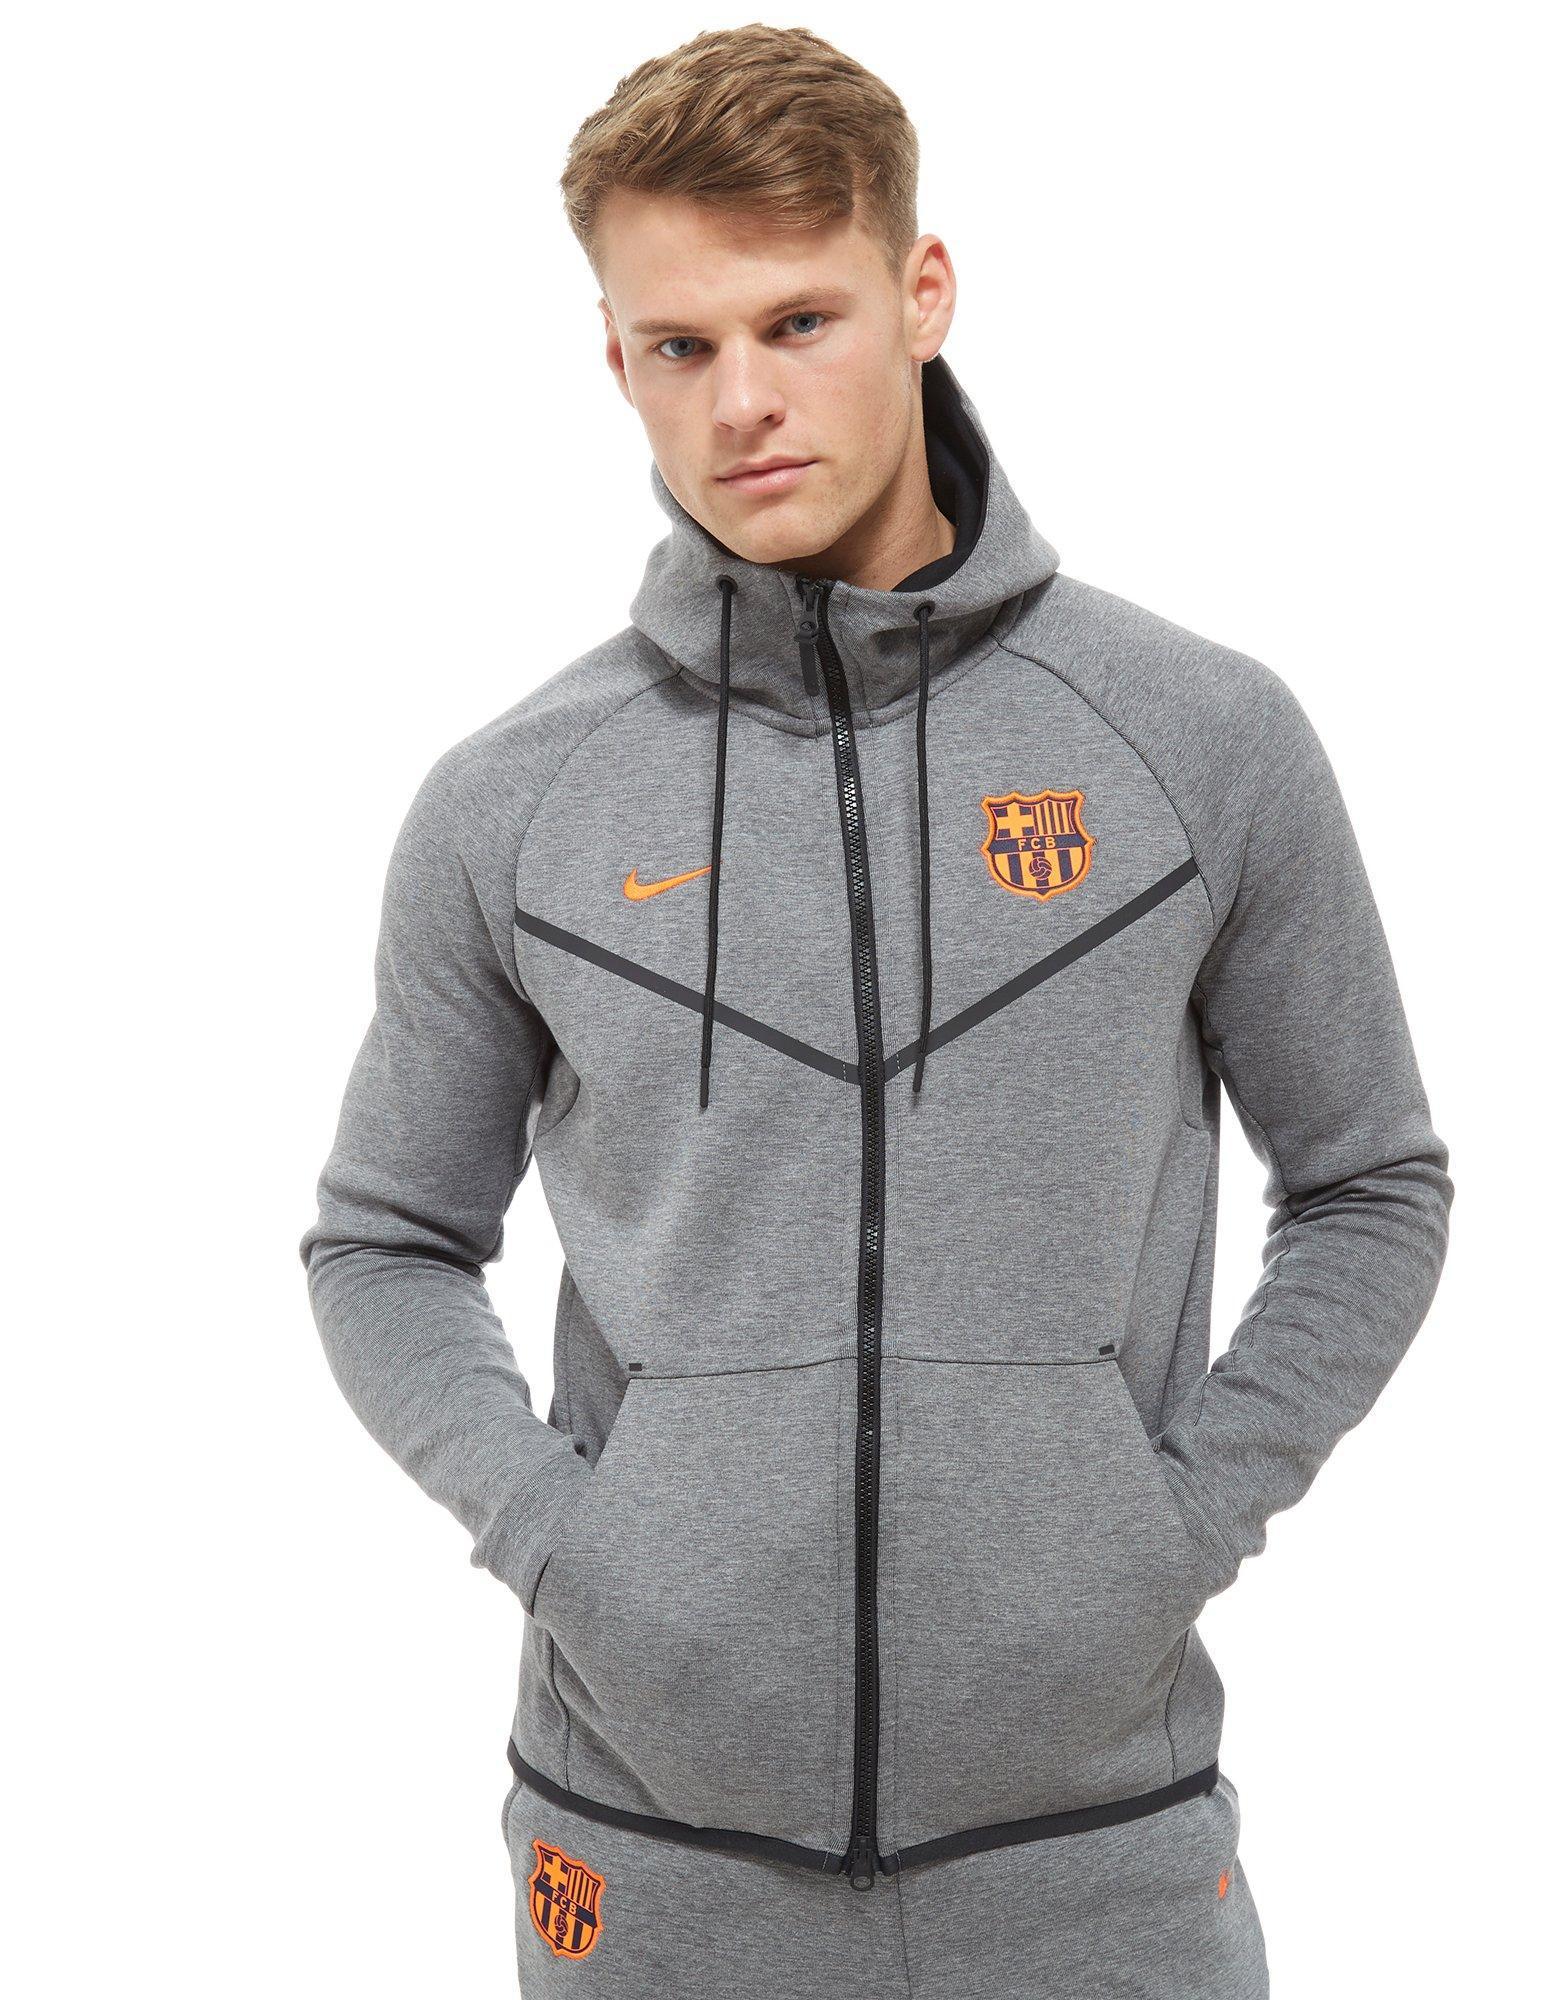 Nike Fc Barcelona Tech Hoodie in Gray for Men - Lyst 21499b7c66a4